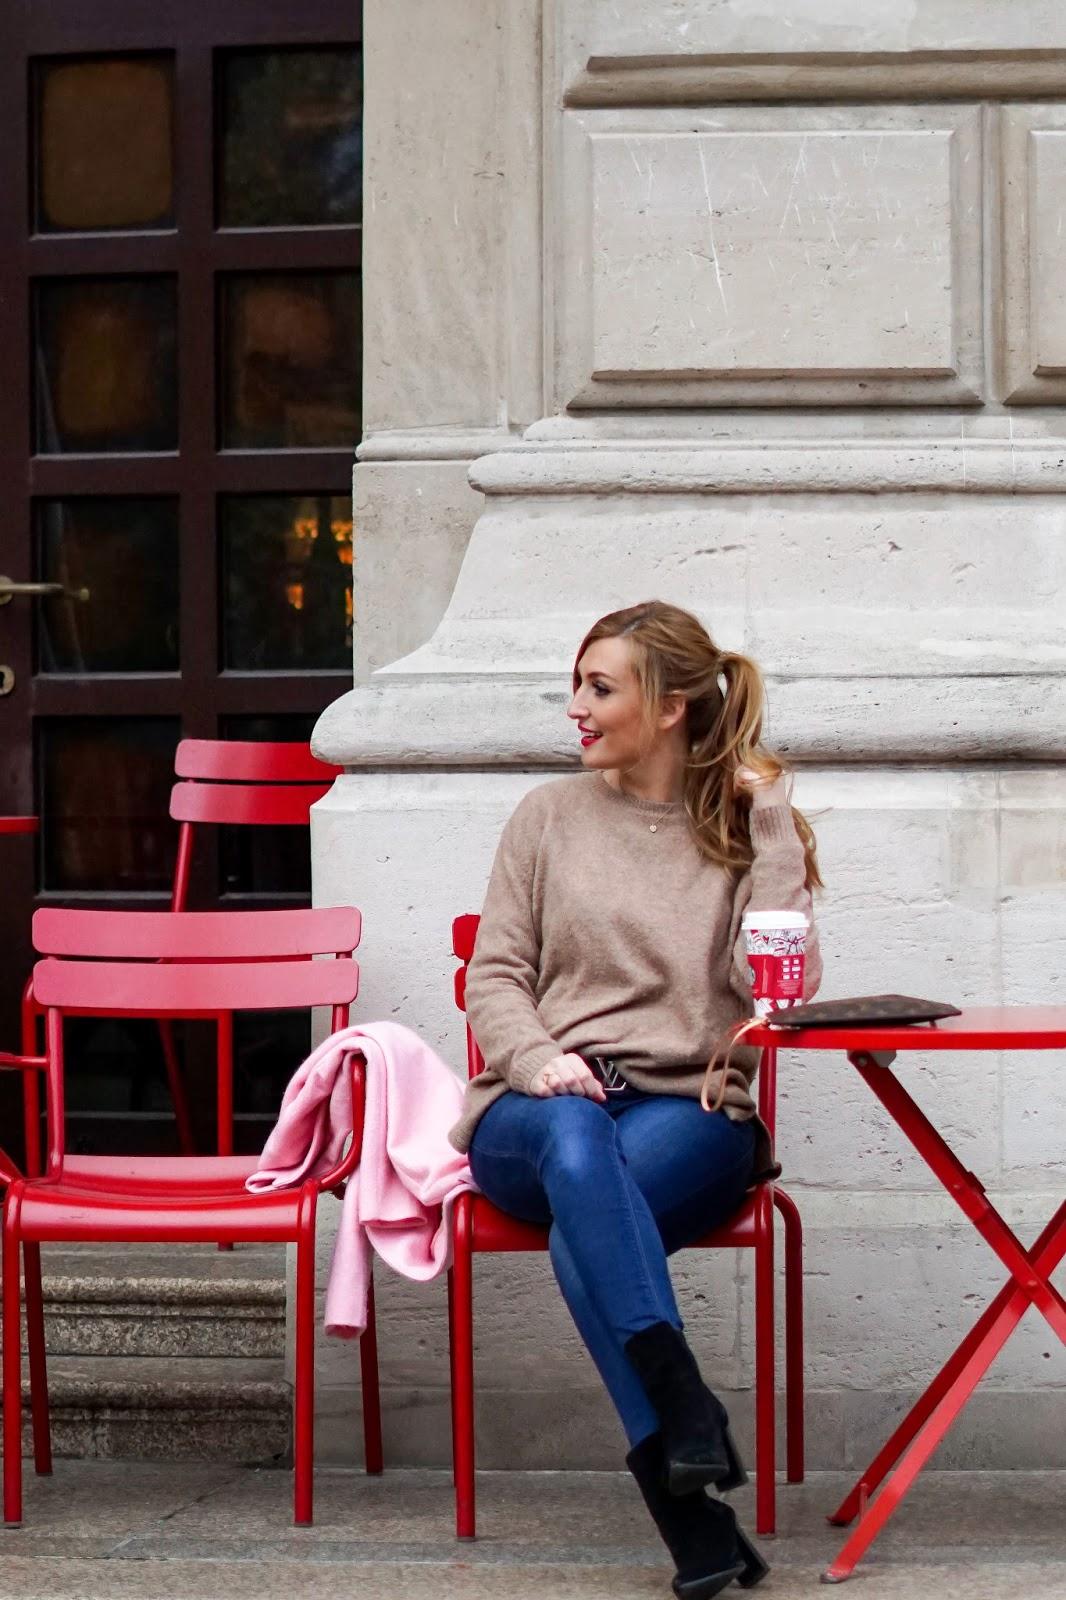 schwarze-stiefeletten-NA-KD-camelpullover-in-rosa-kombinieren-wie-kombiniere-ich-einen-rosa-pullover-Deutsche-fashionblogger-blogger-aus-deutschland-fashionstylebyjohanna-frankfurt-blogger-blogger-aus-Frankfurt-